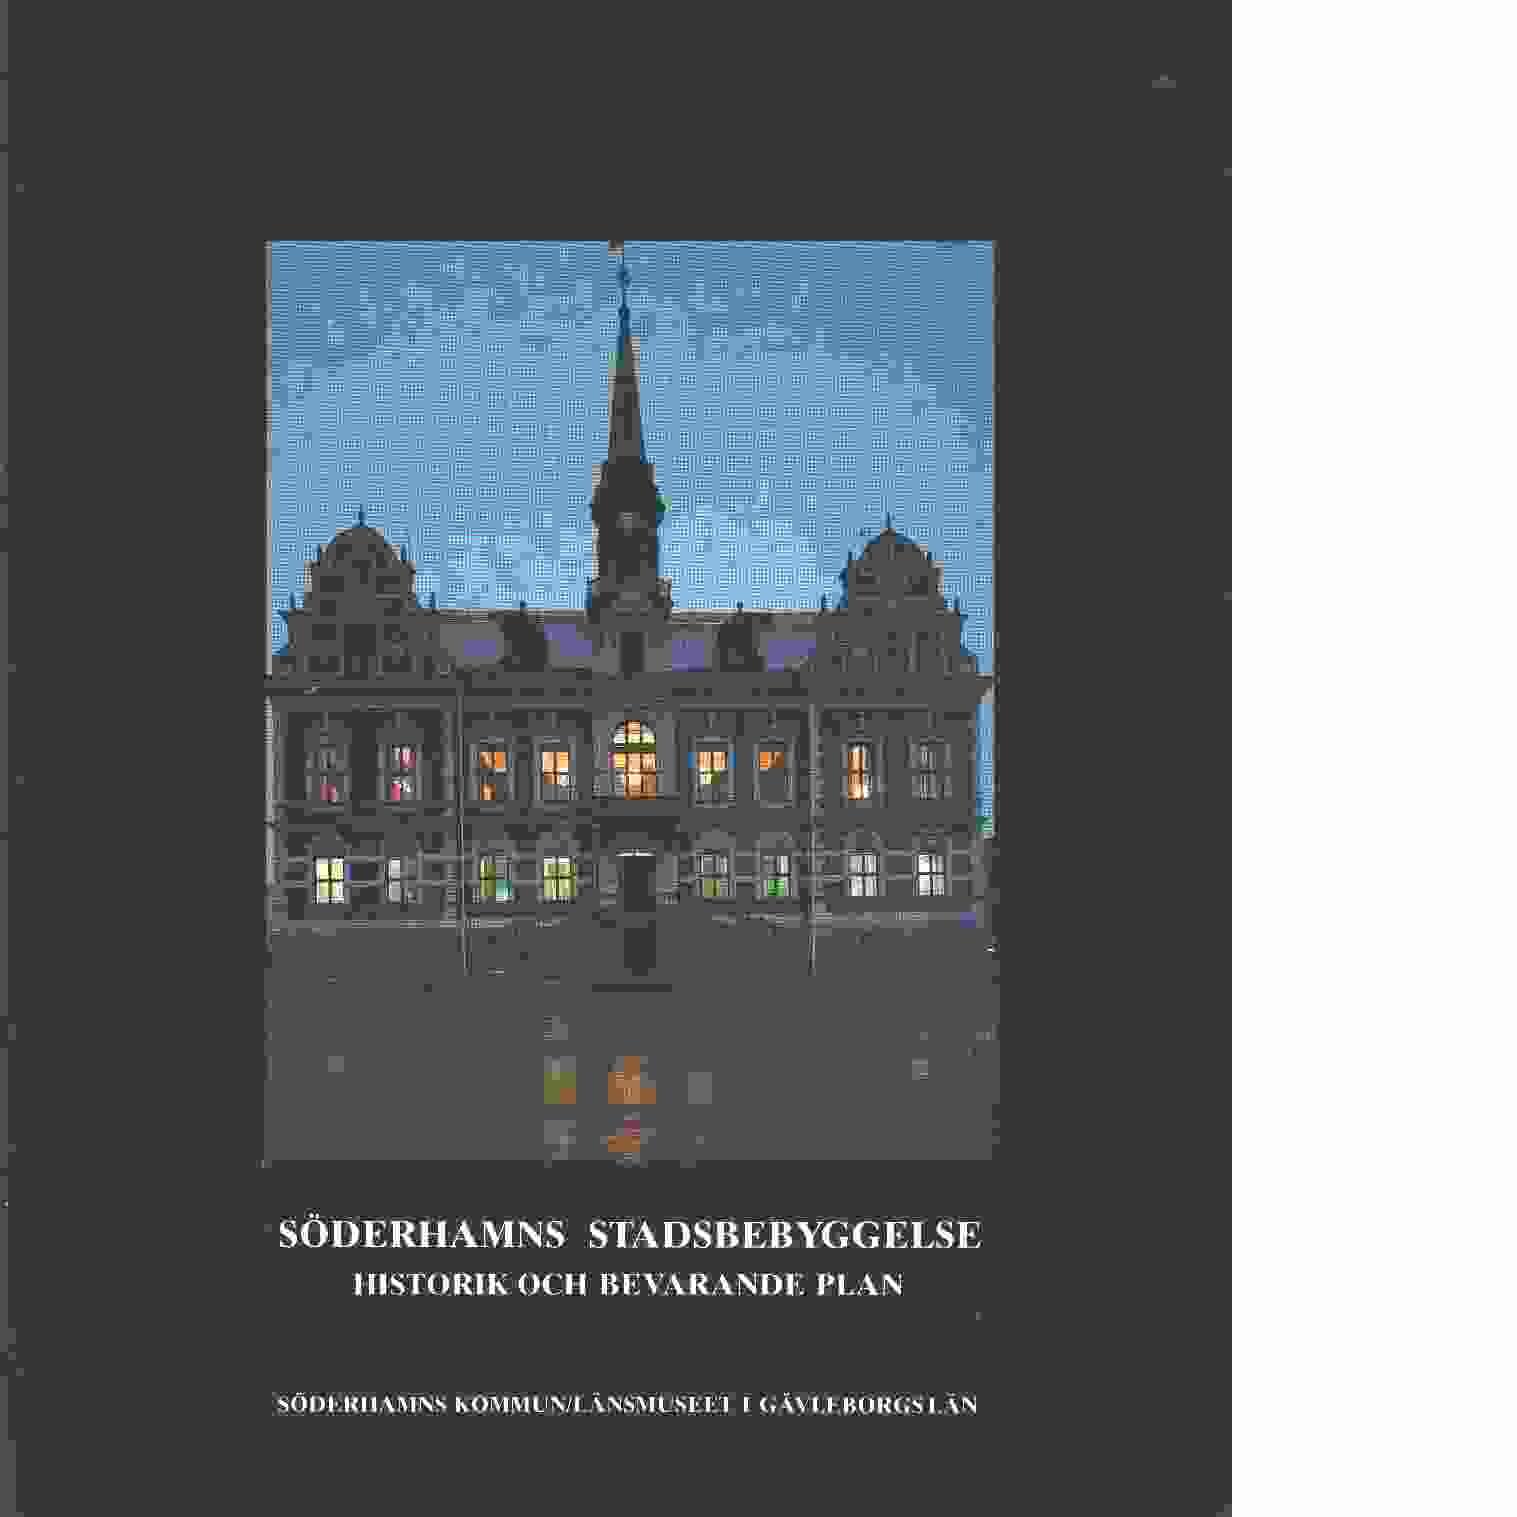 Söderhamns stadsbebyggelse : historik och bevarandeplan - Red.